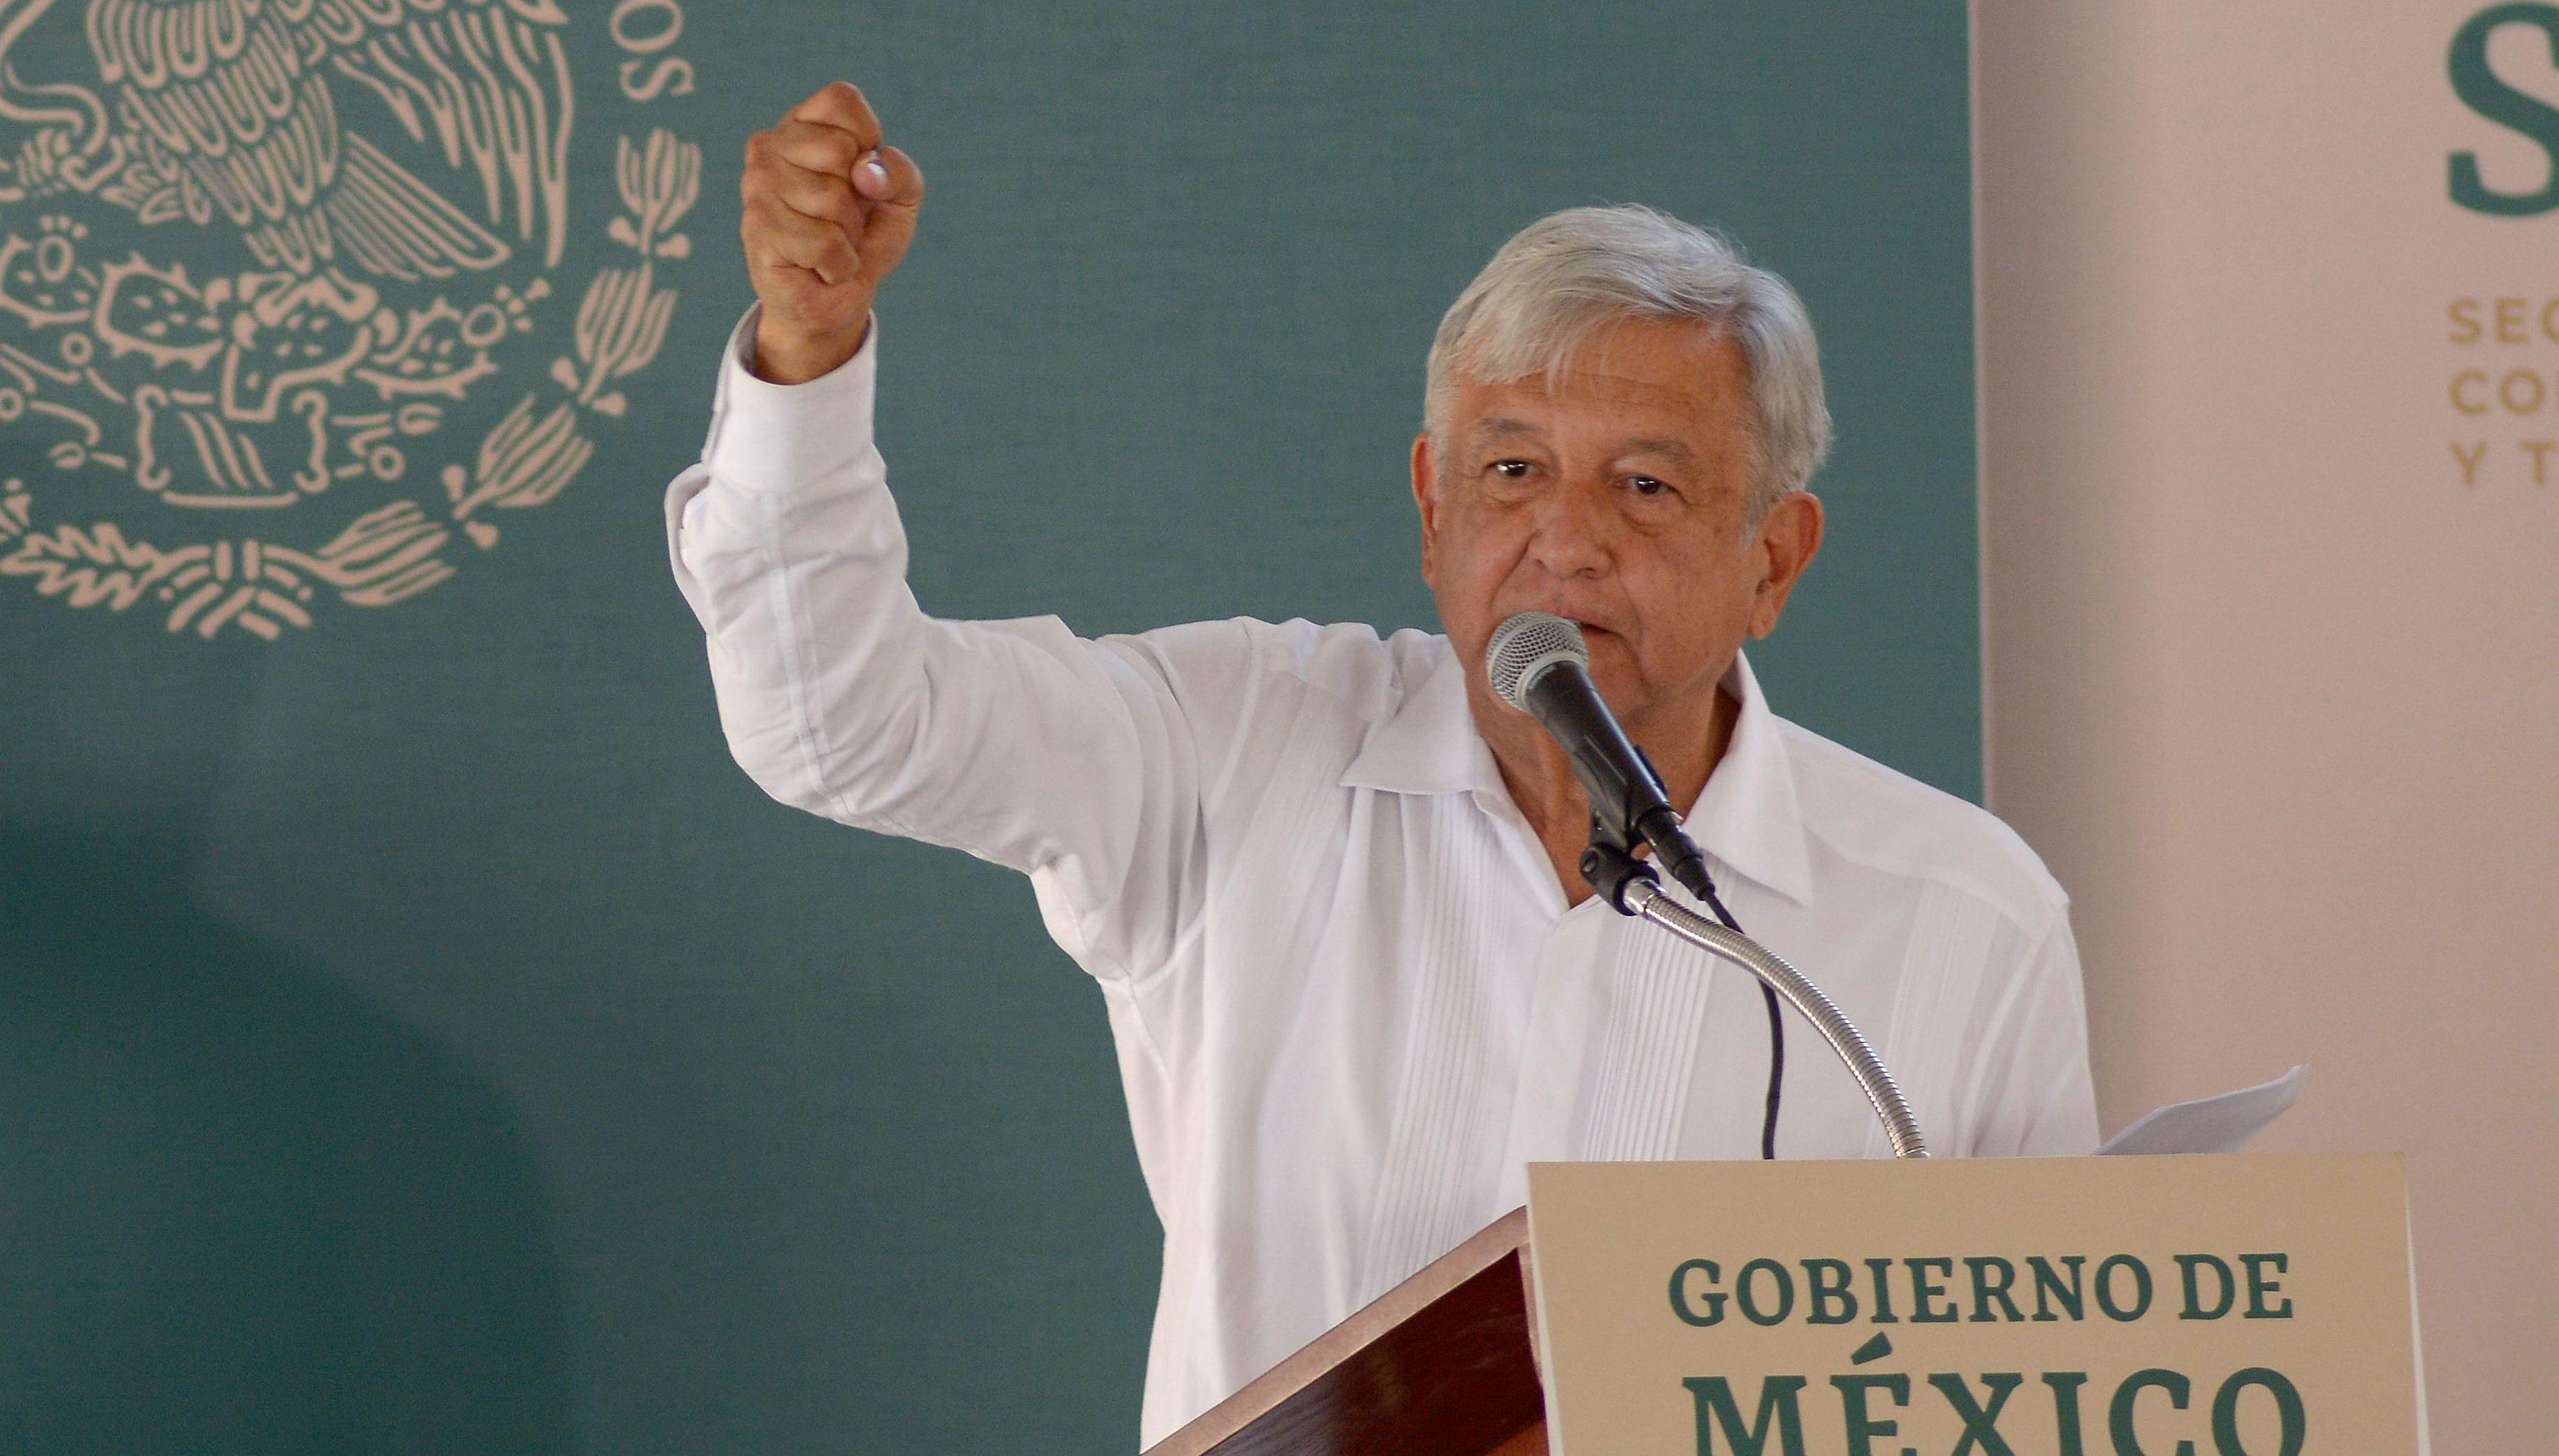 AMLO visitó Tamazula, Durango para supervisar una carretera, en esta dijo que le hizo una limpia a la silla presidencial